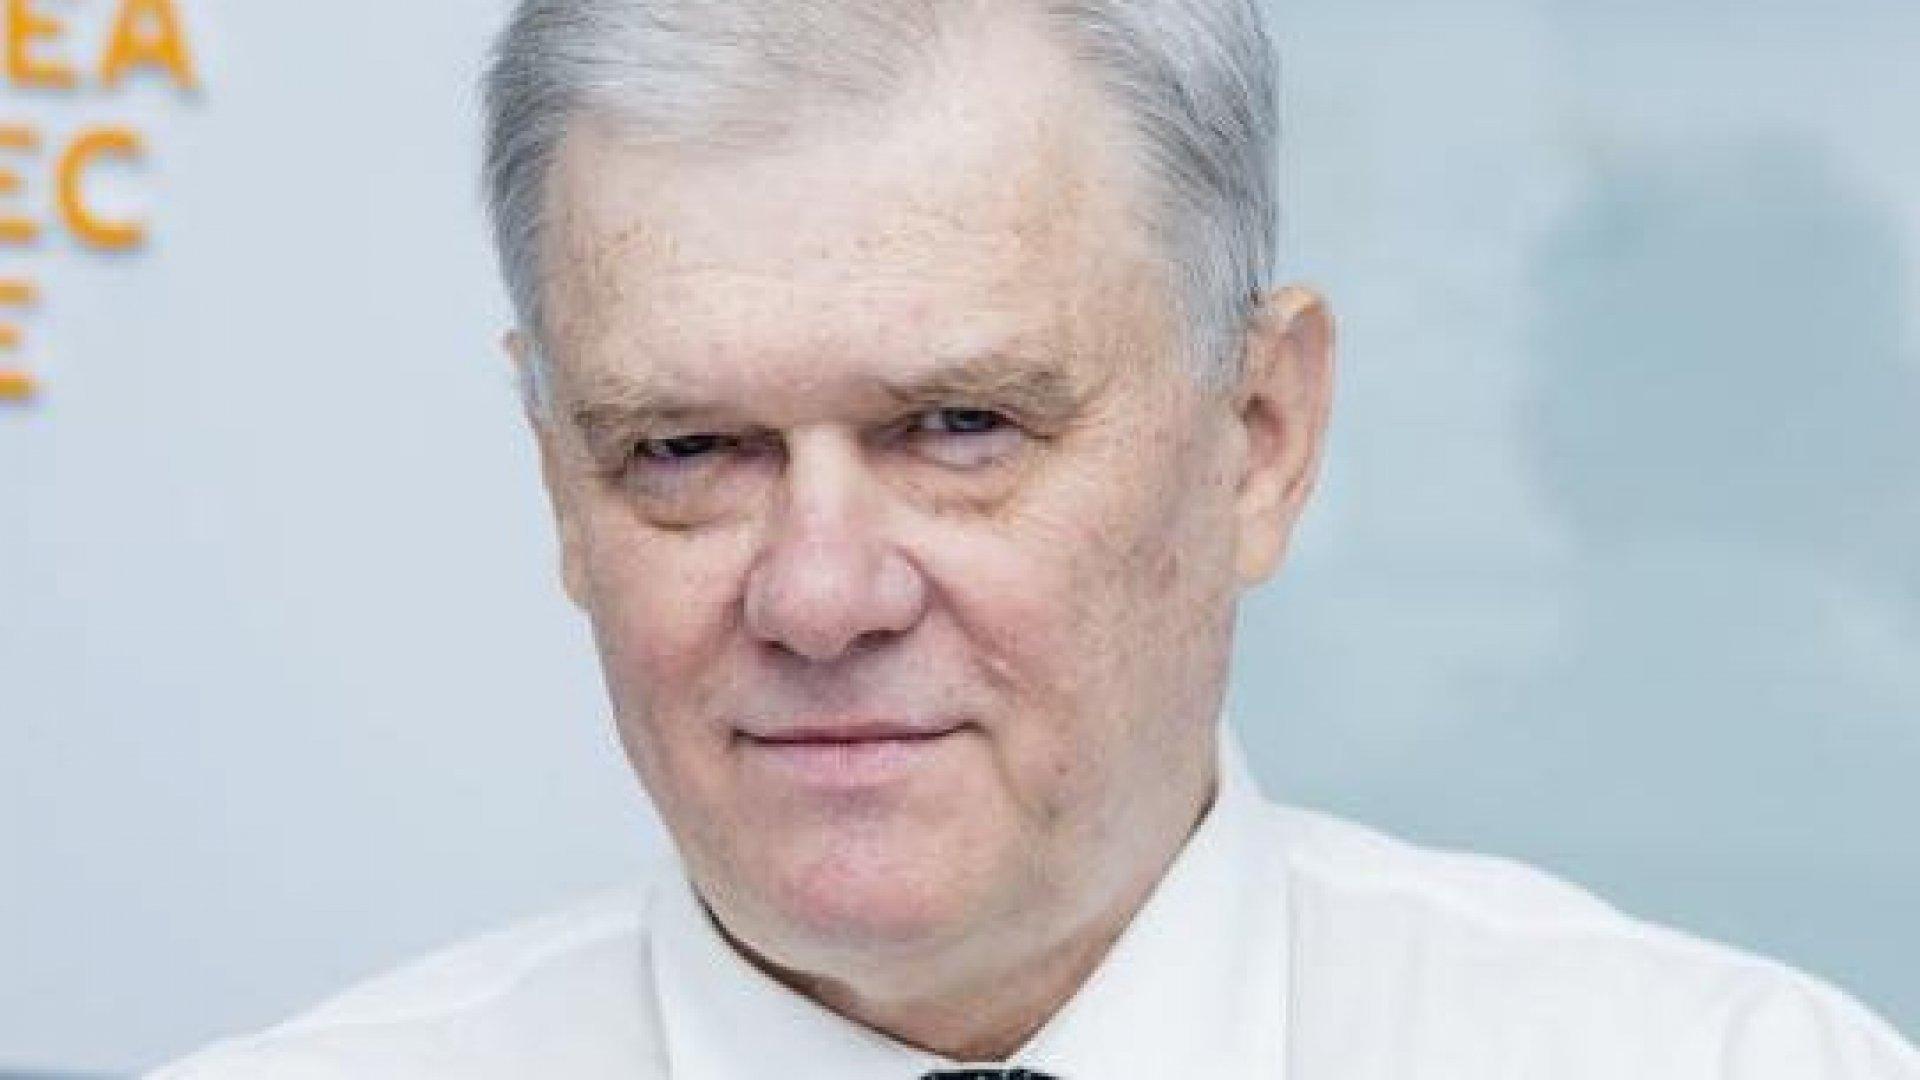 Павловский: Прокуроры и судьи прячут свои процессуальные ошибки за решетками тюрем